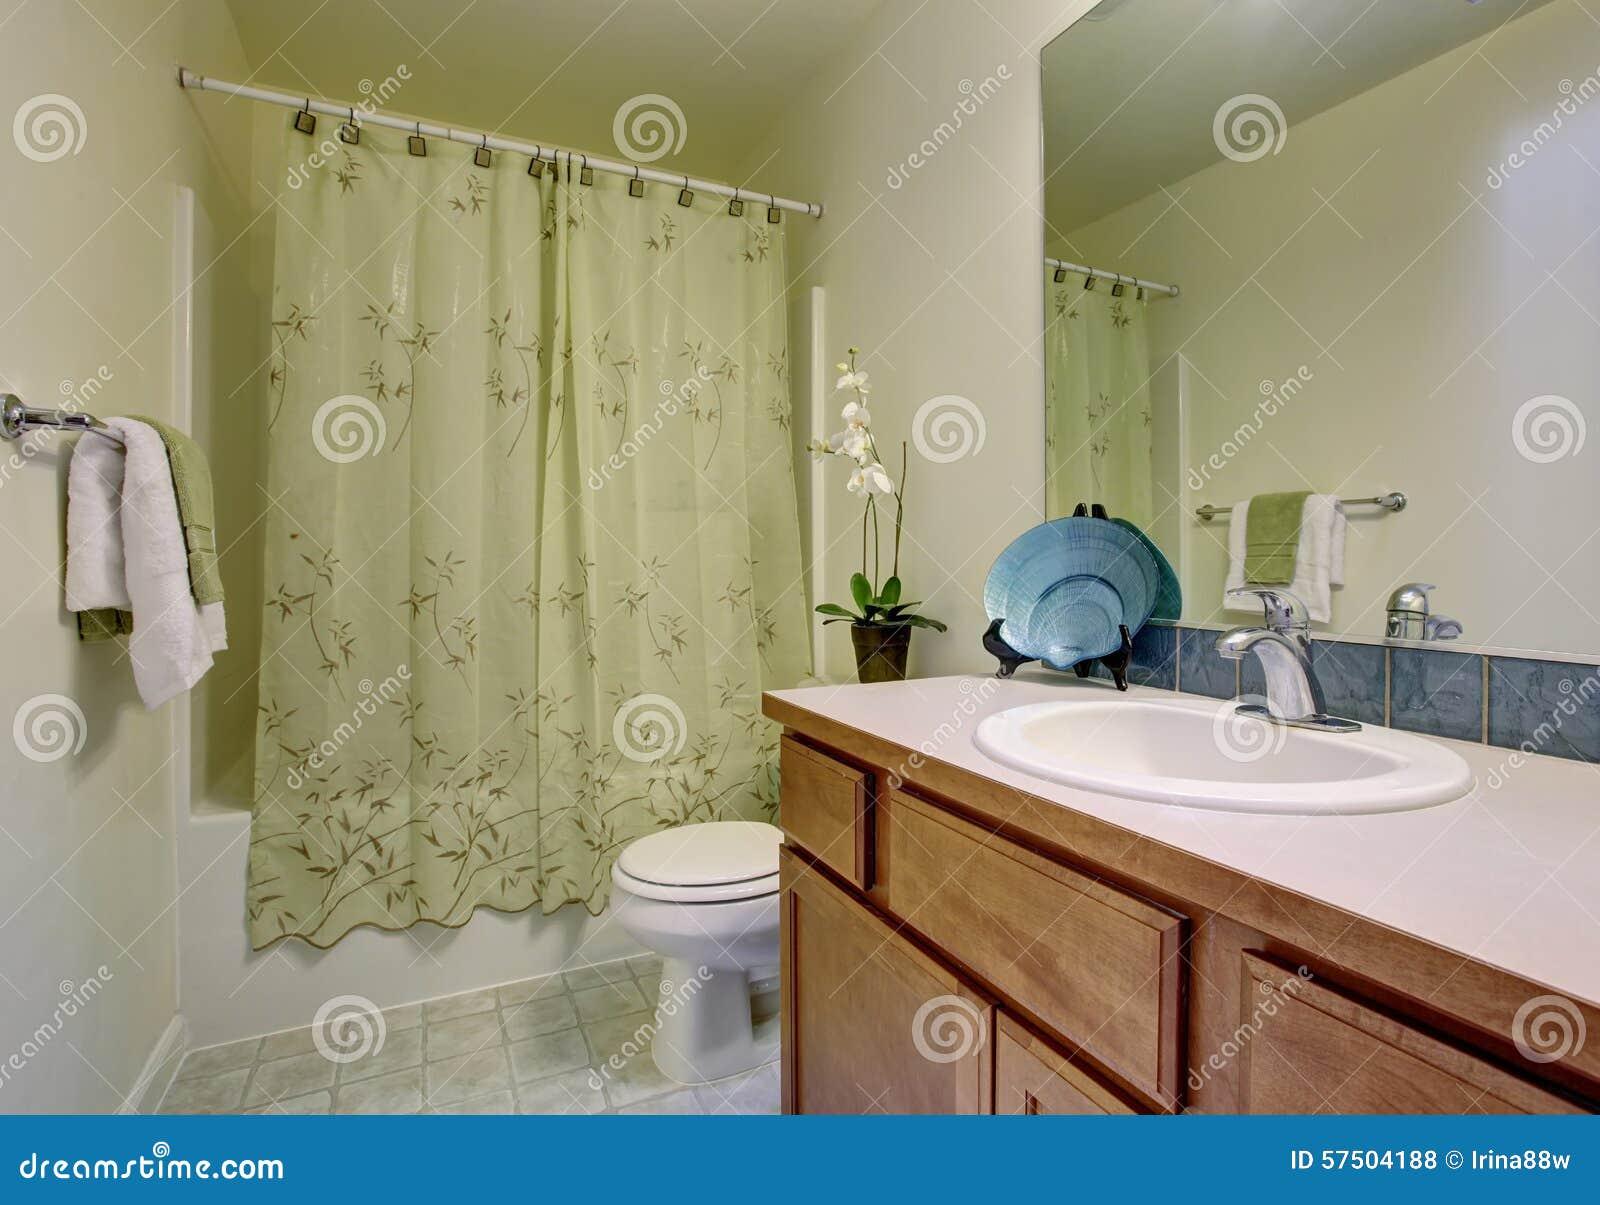 Klasyczna azienka z zielon prysznic zas on i dach wkow - Supporti per tende da interno ...